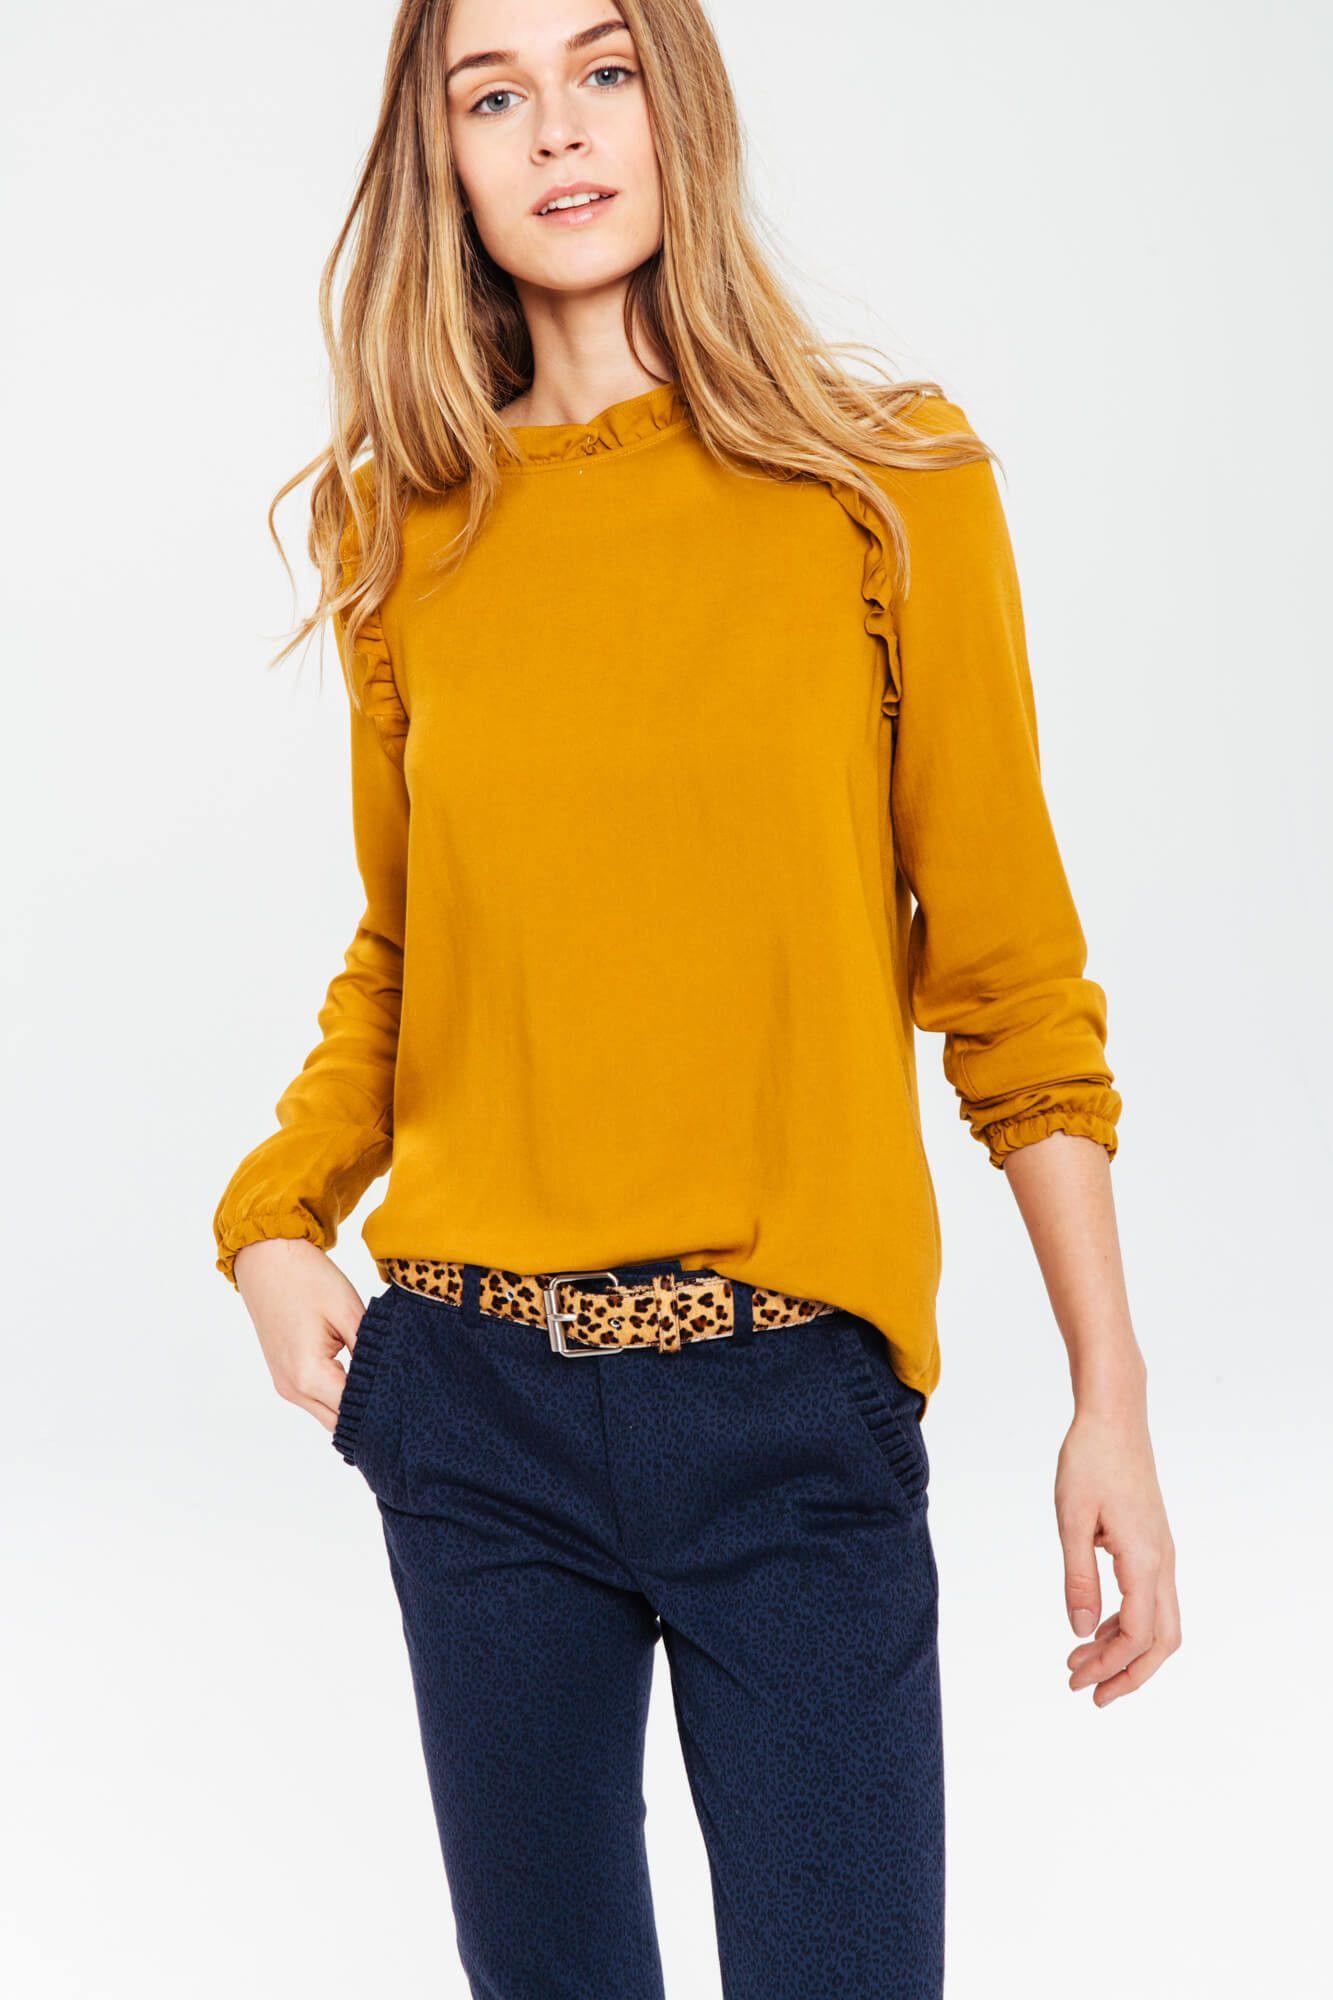 Blouse femme moutarde a volant mode t pinterest blouse femme moutarde et blouse - Quelle couleur associer au jaune moutarde ...